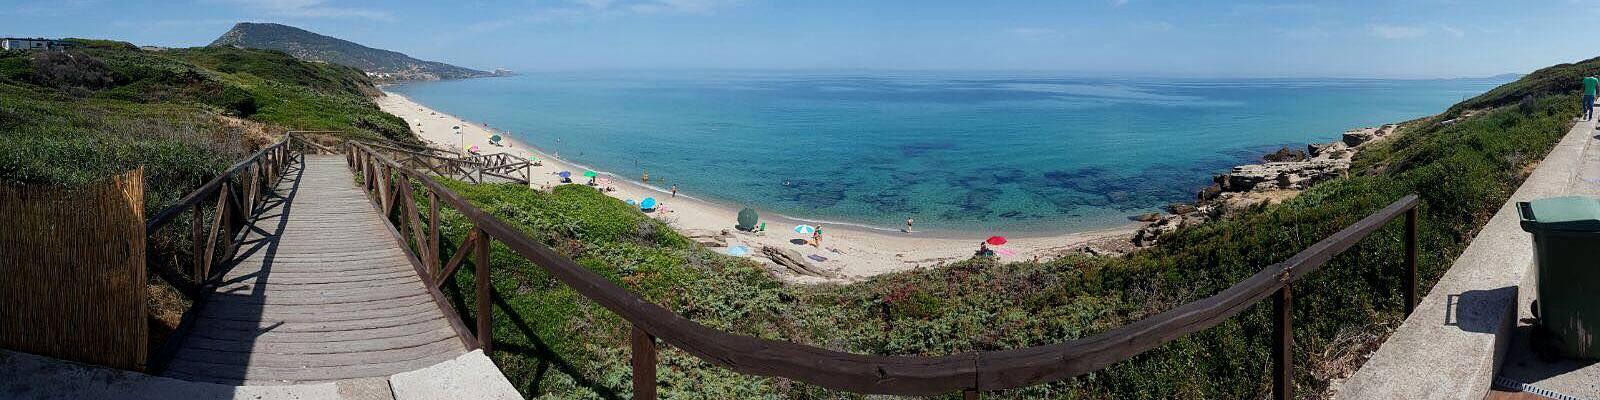 Valledoria, pláž Maragnani, ležící směrem ke Castesardo